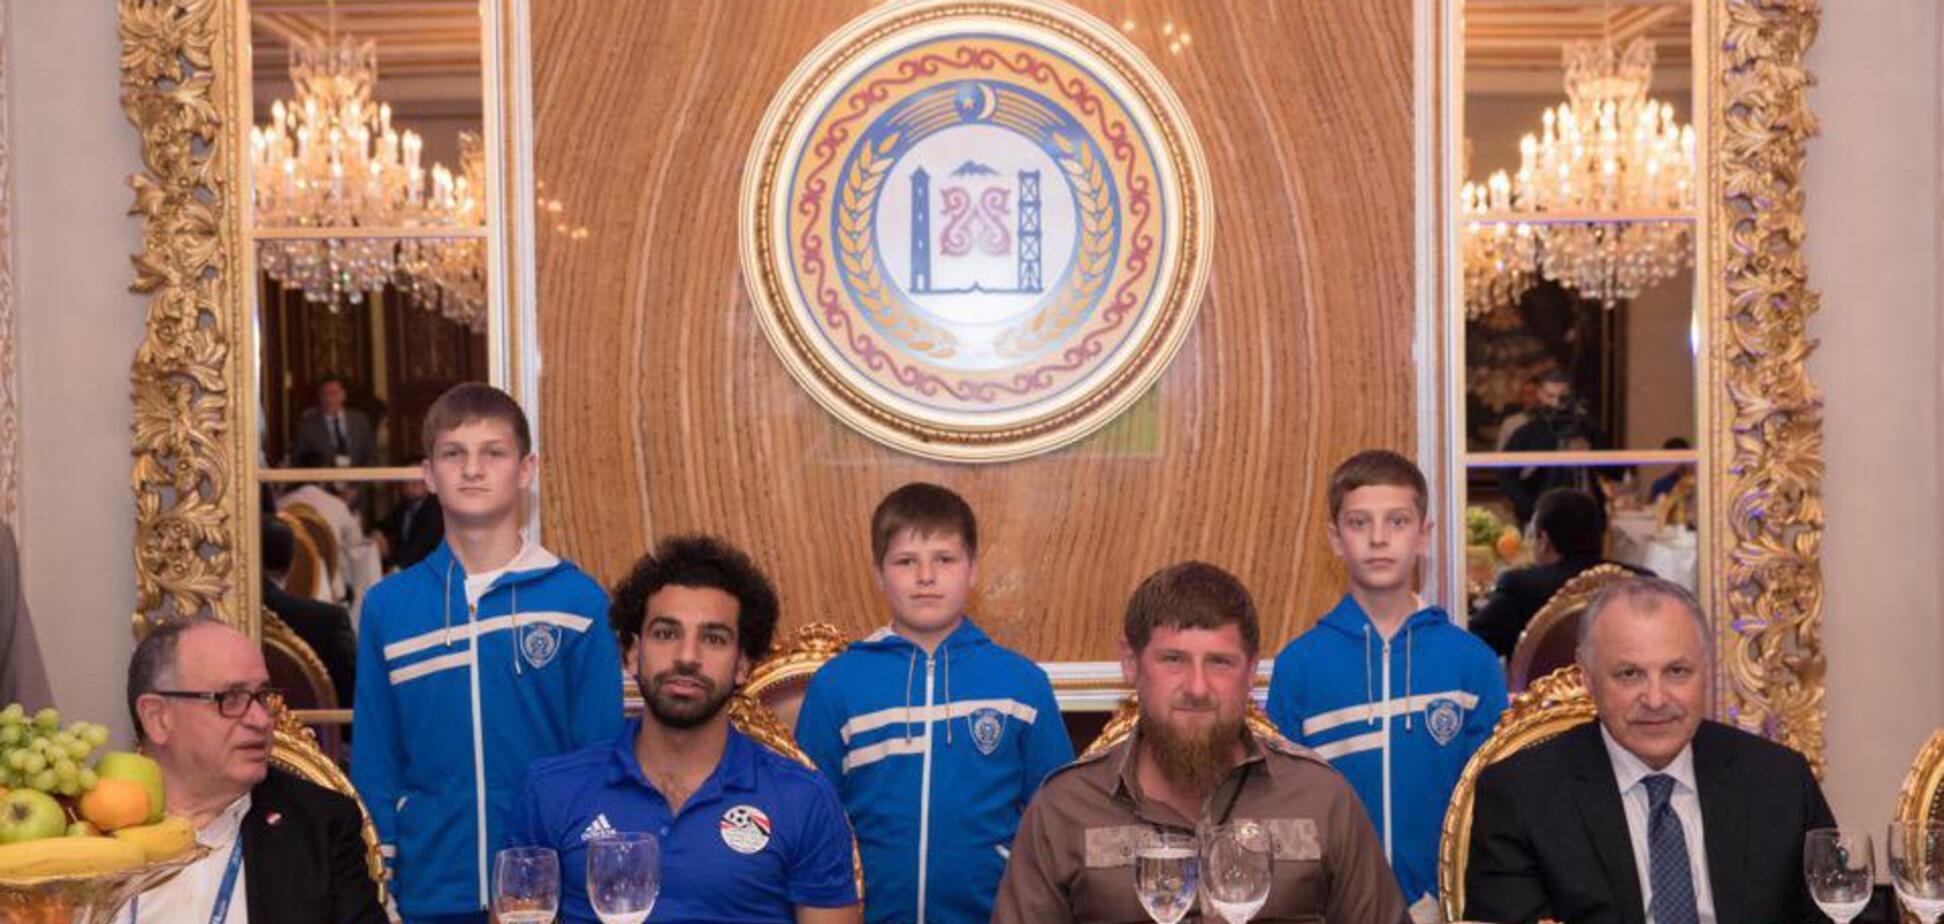 Чечня и Кадыров привели к позору сборной на ЧМ-2018